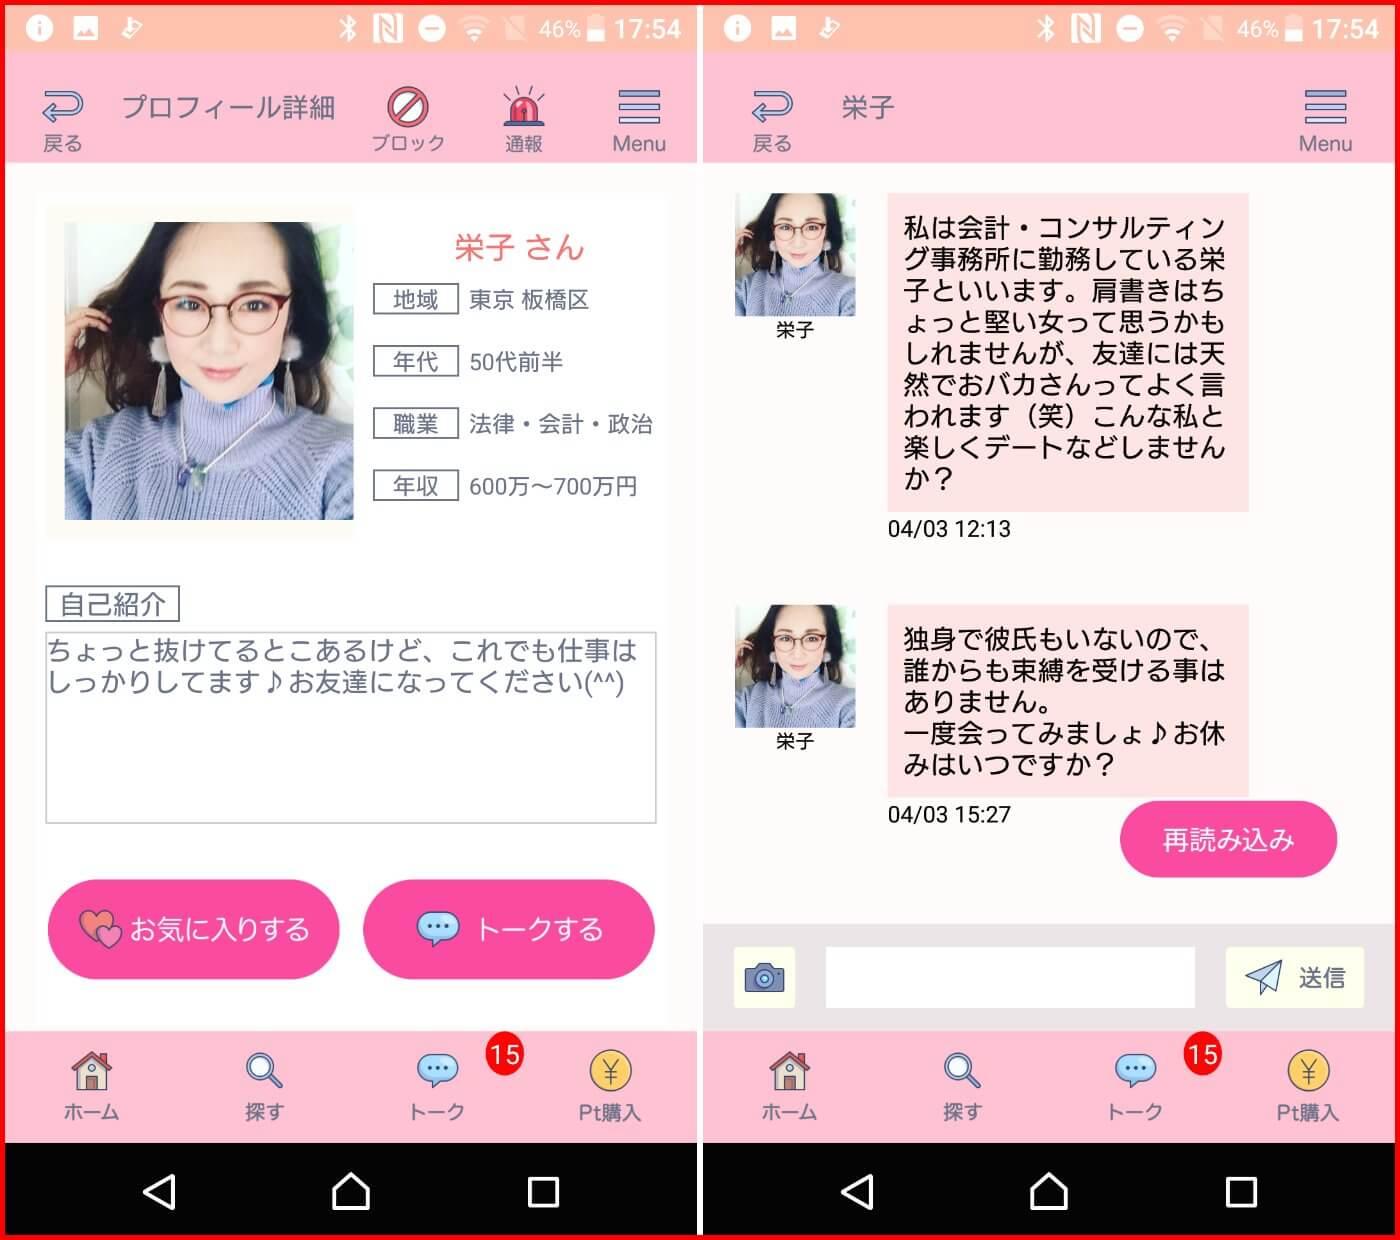 悪質出会い系アプリ「ASOBI」サクラ